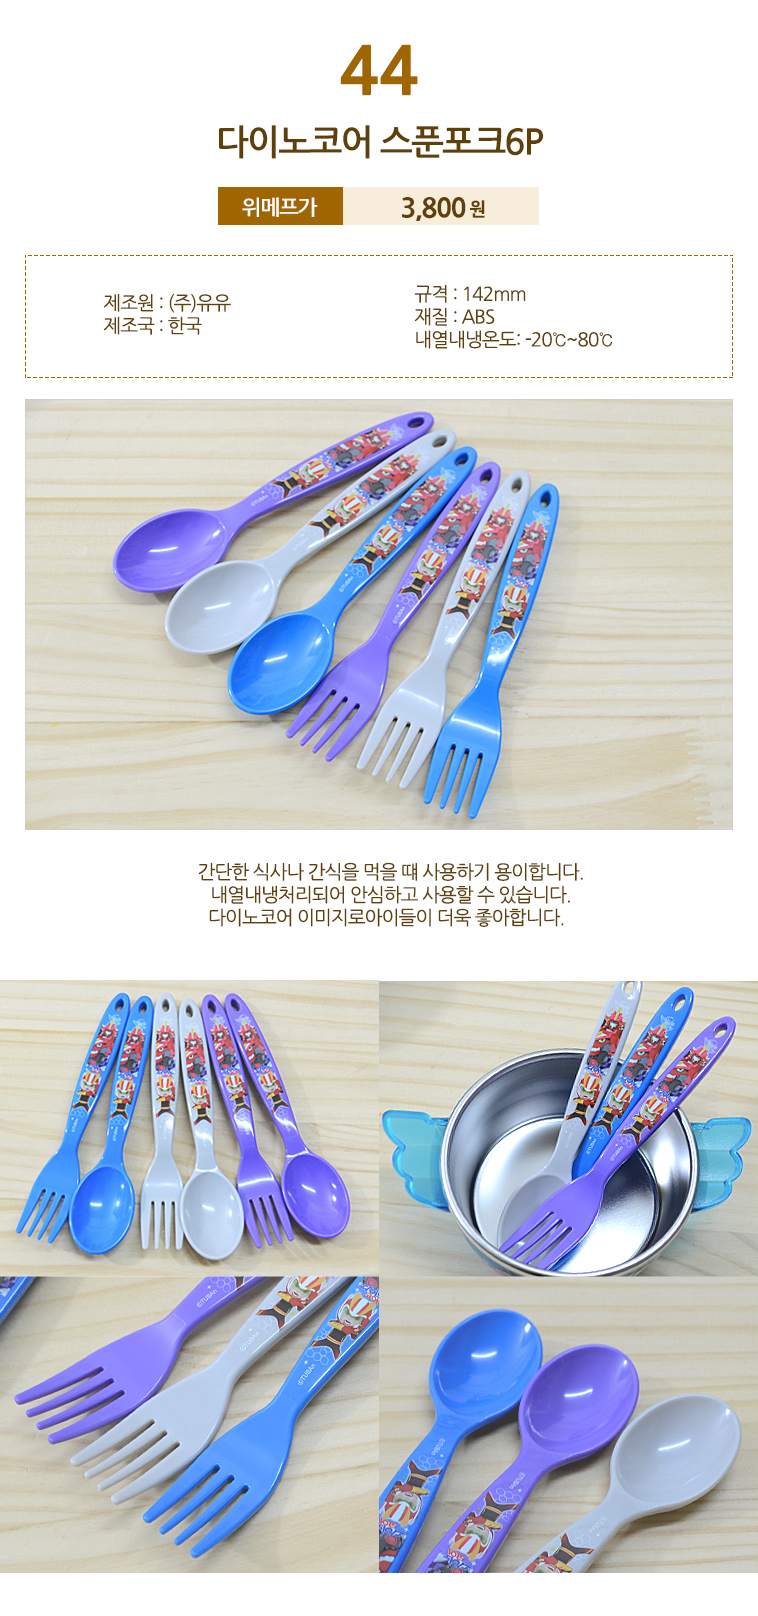 신학기 캐릭터 유아식판 모음전 - 상세정보